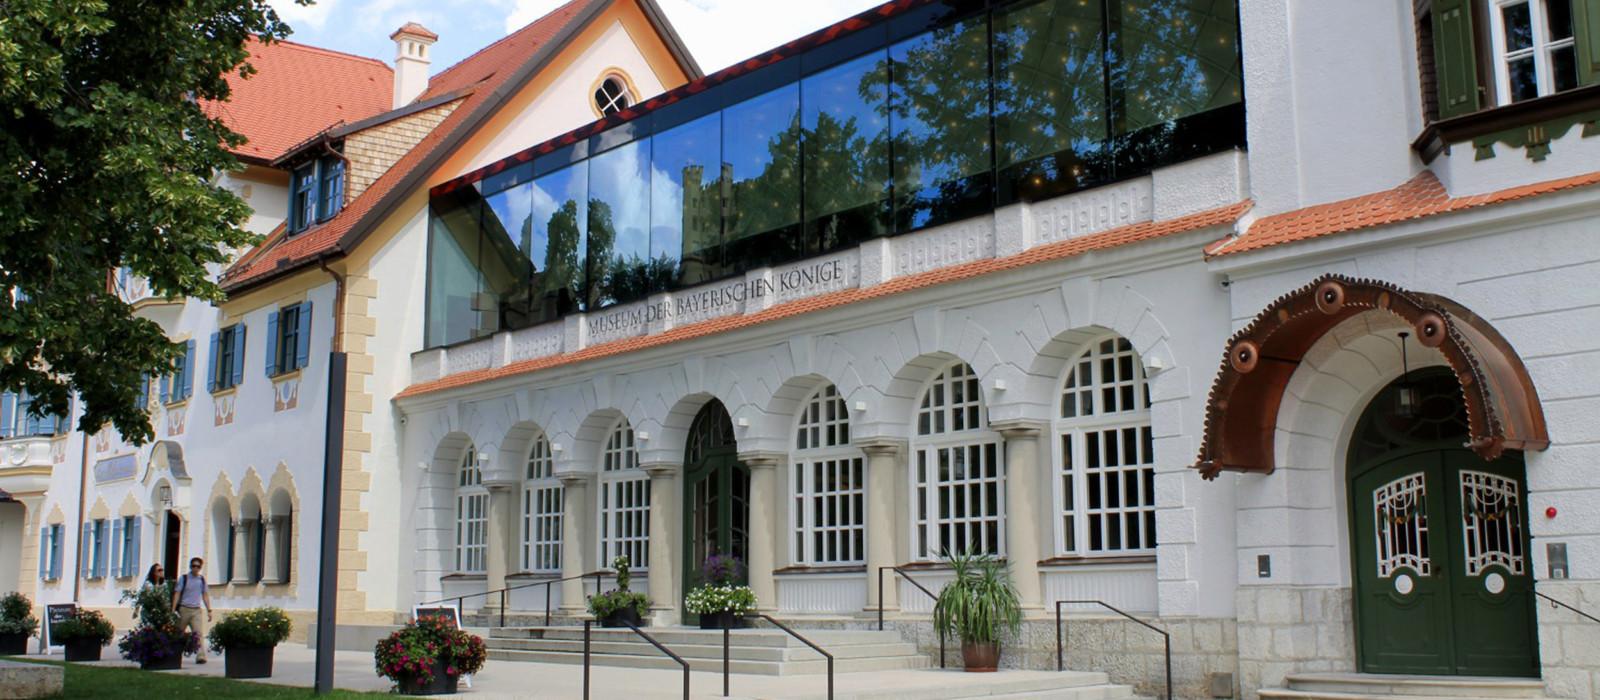 Aussenansicht Museum Bayerische Könige